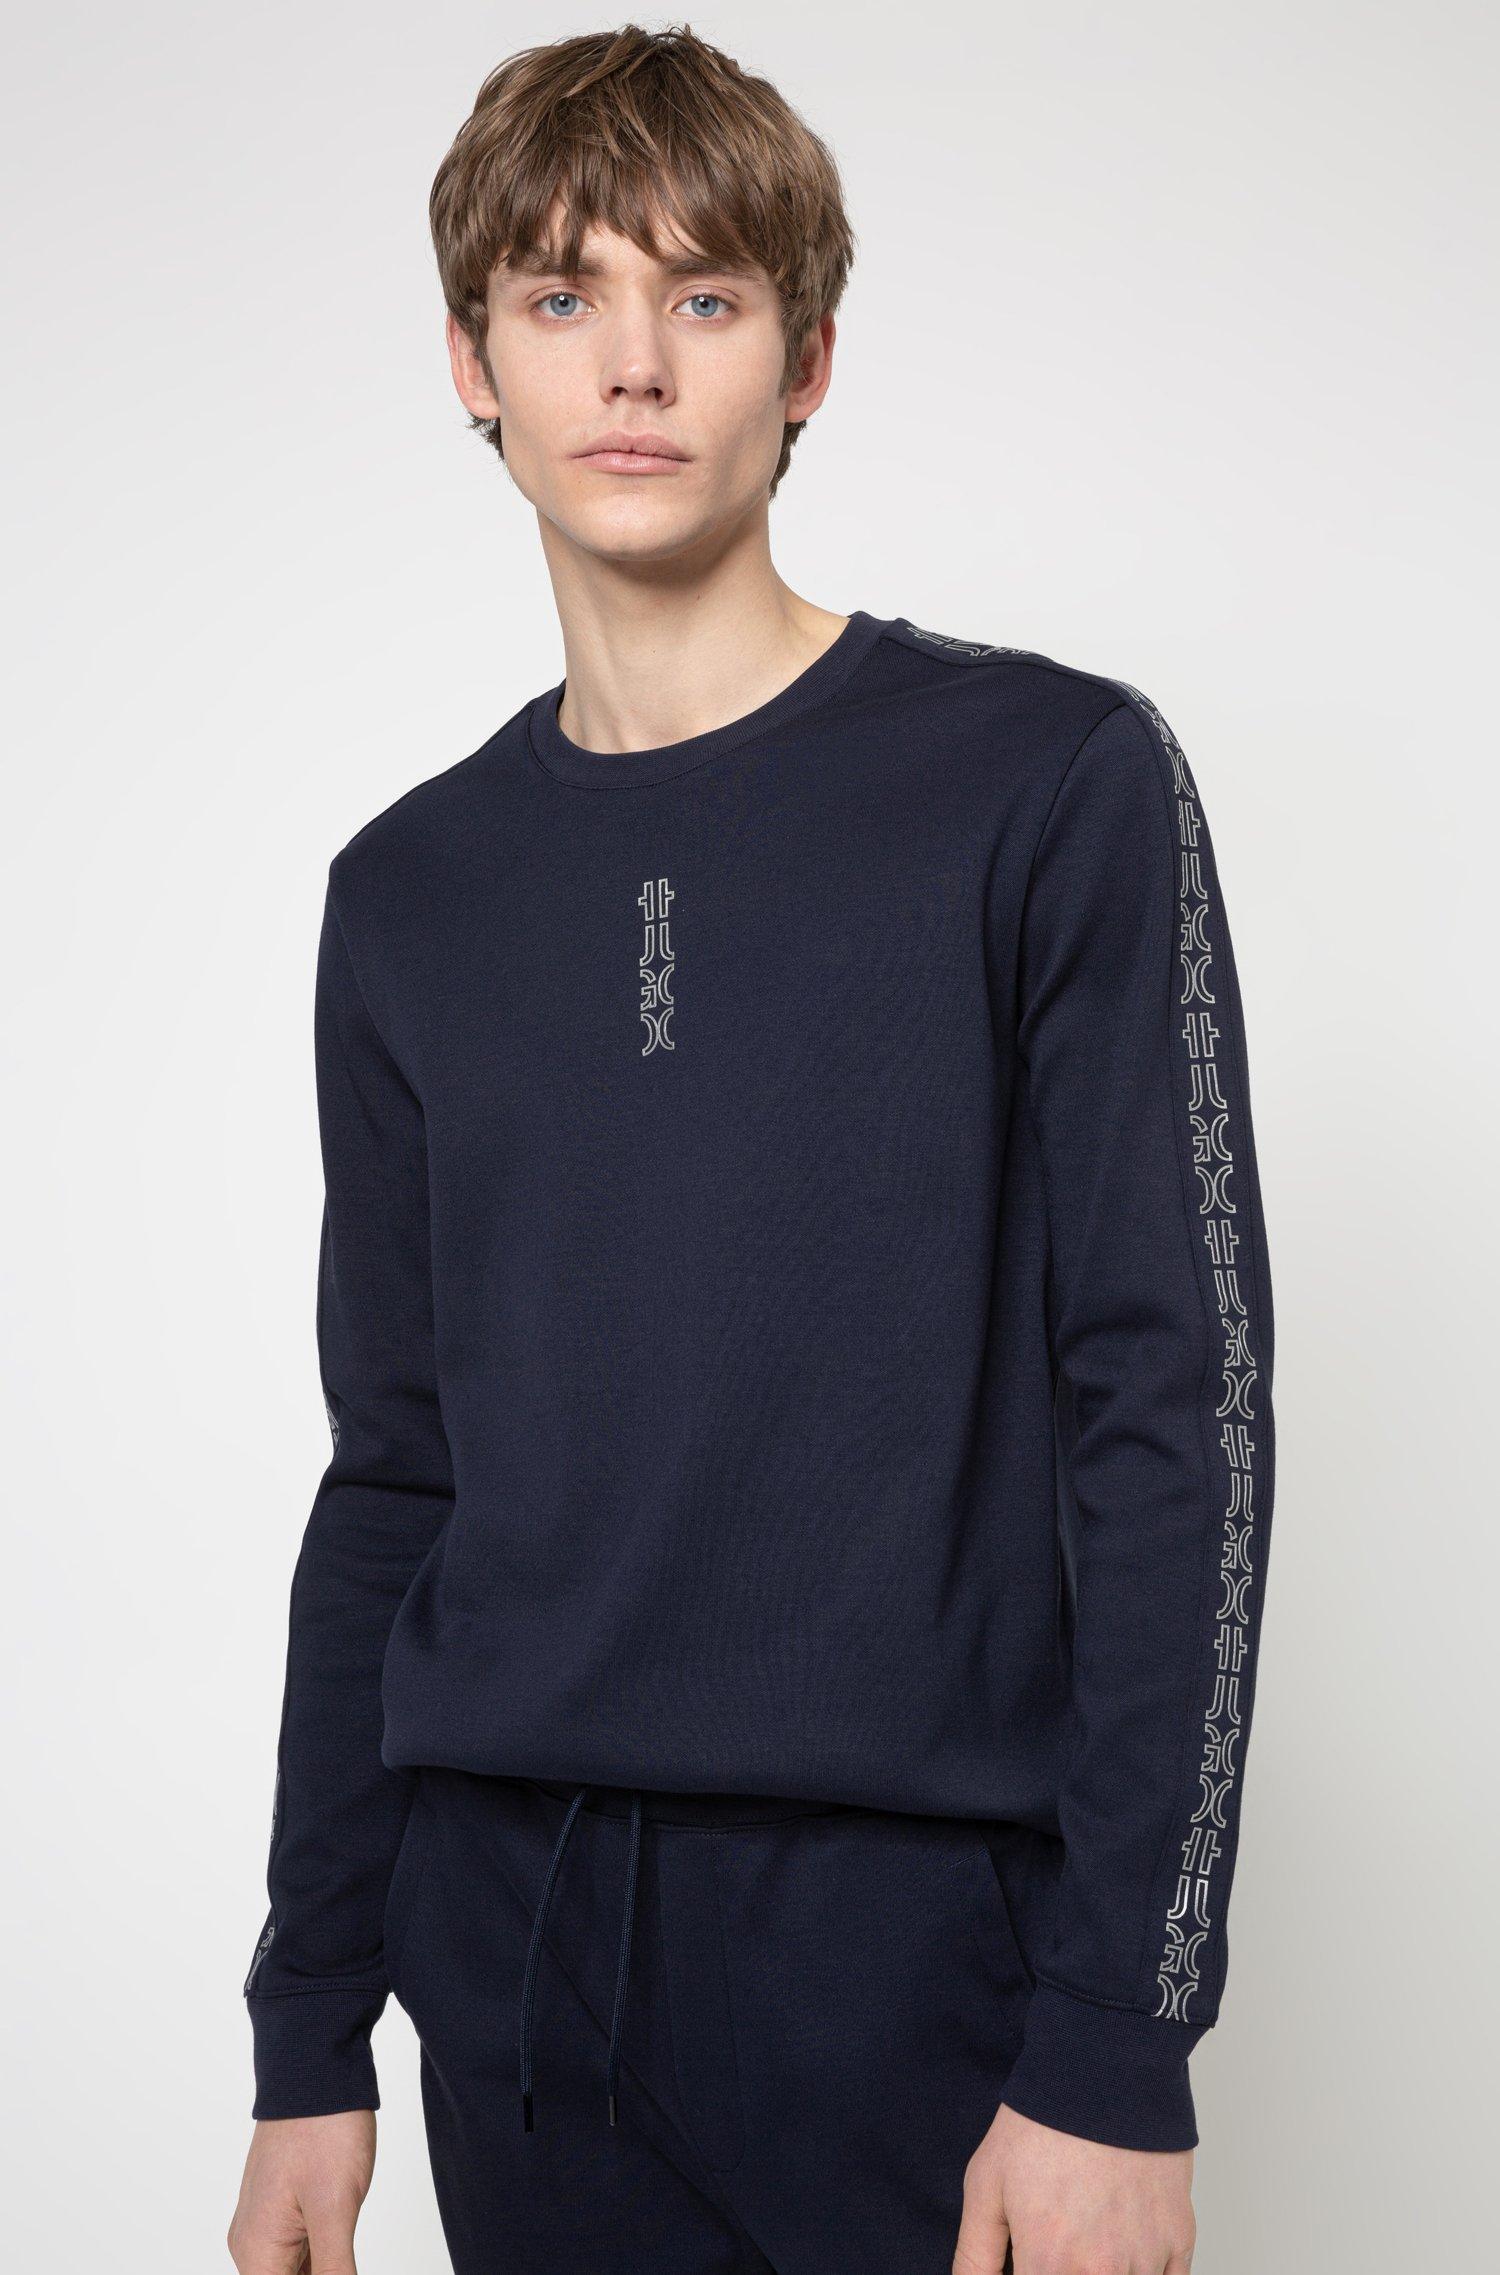 Sweat en coton interlock avec finitions à logo revisité, Bleu foncé